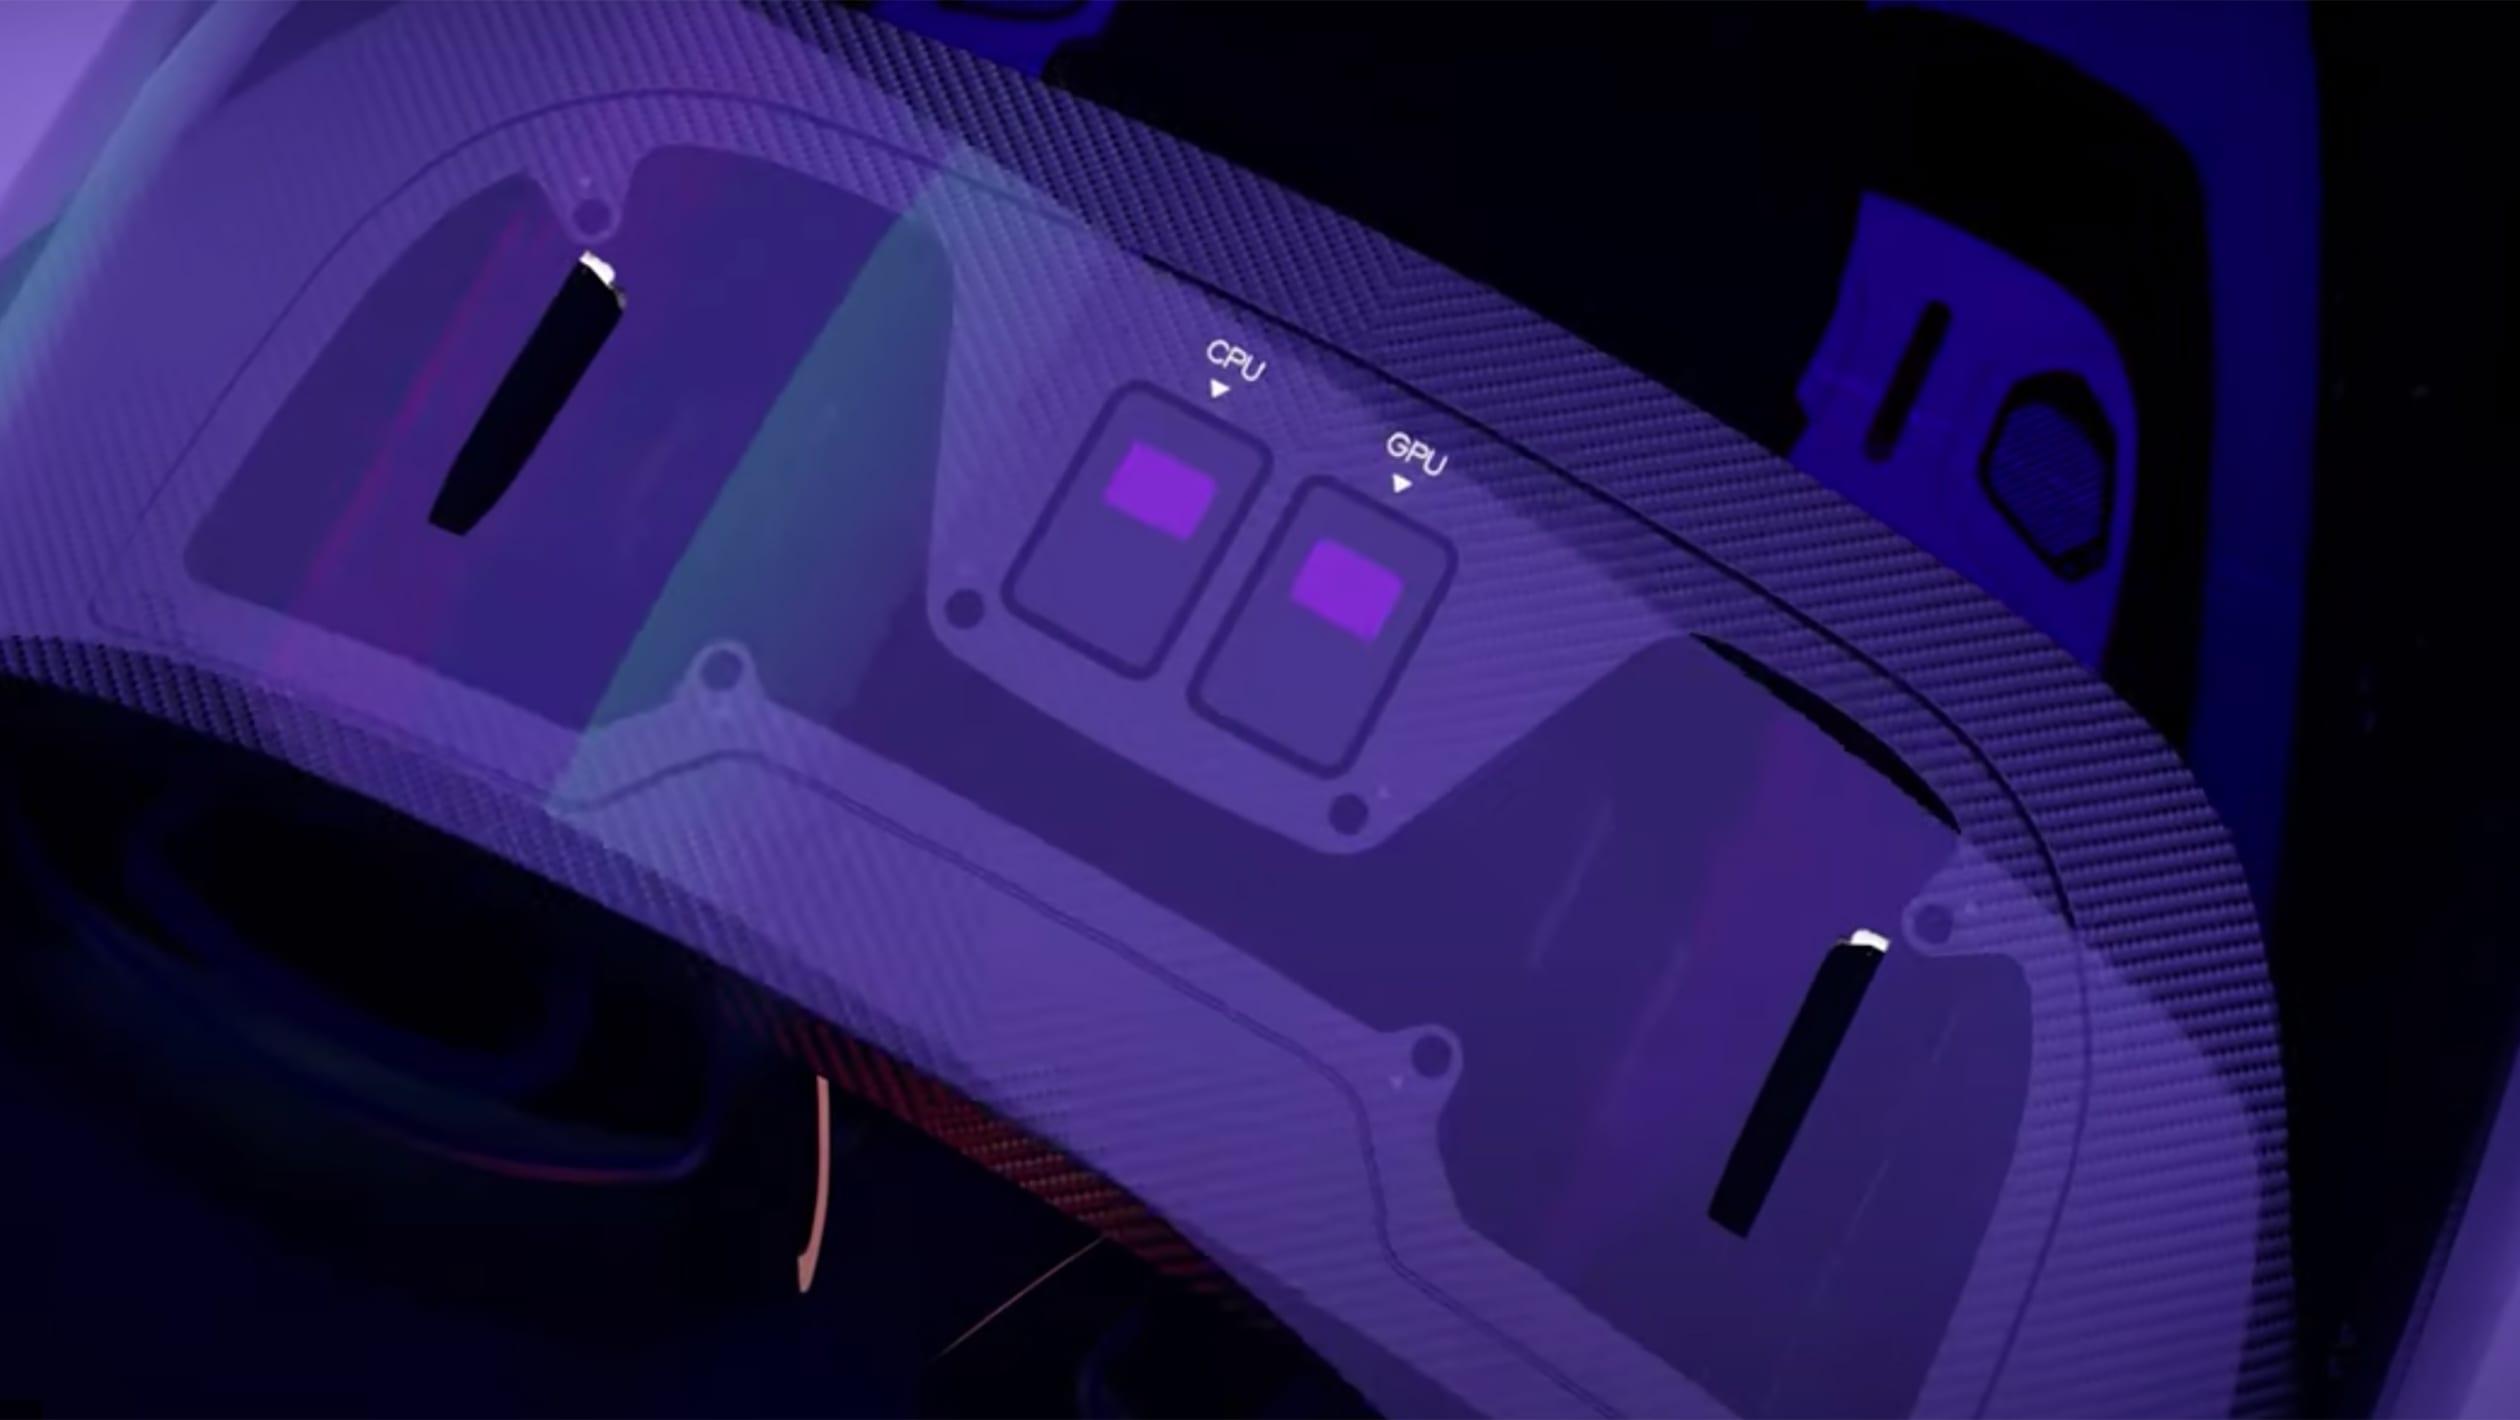 Модельный дом MG Motor SAIC Design Advanced представил концепт MAZE - полностью электрический автомобиль, который может продемонстрировать, как будут выглядеть электромобили будущего, вдохновленные «игровой культурой».